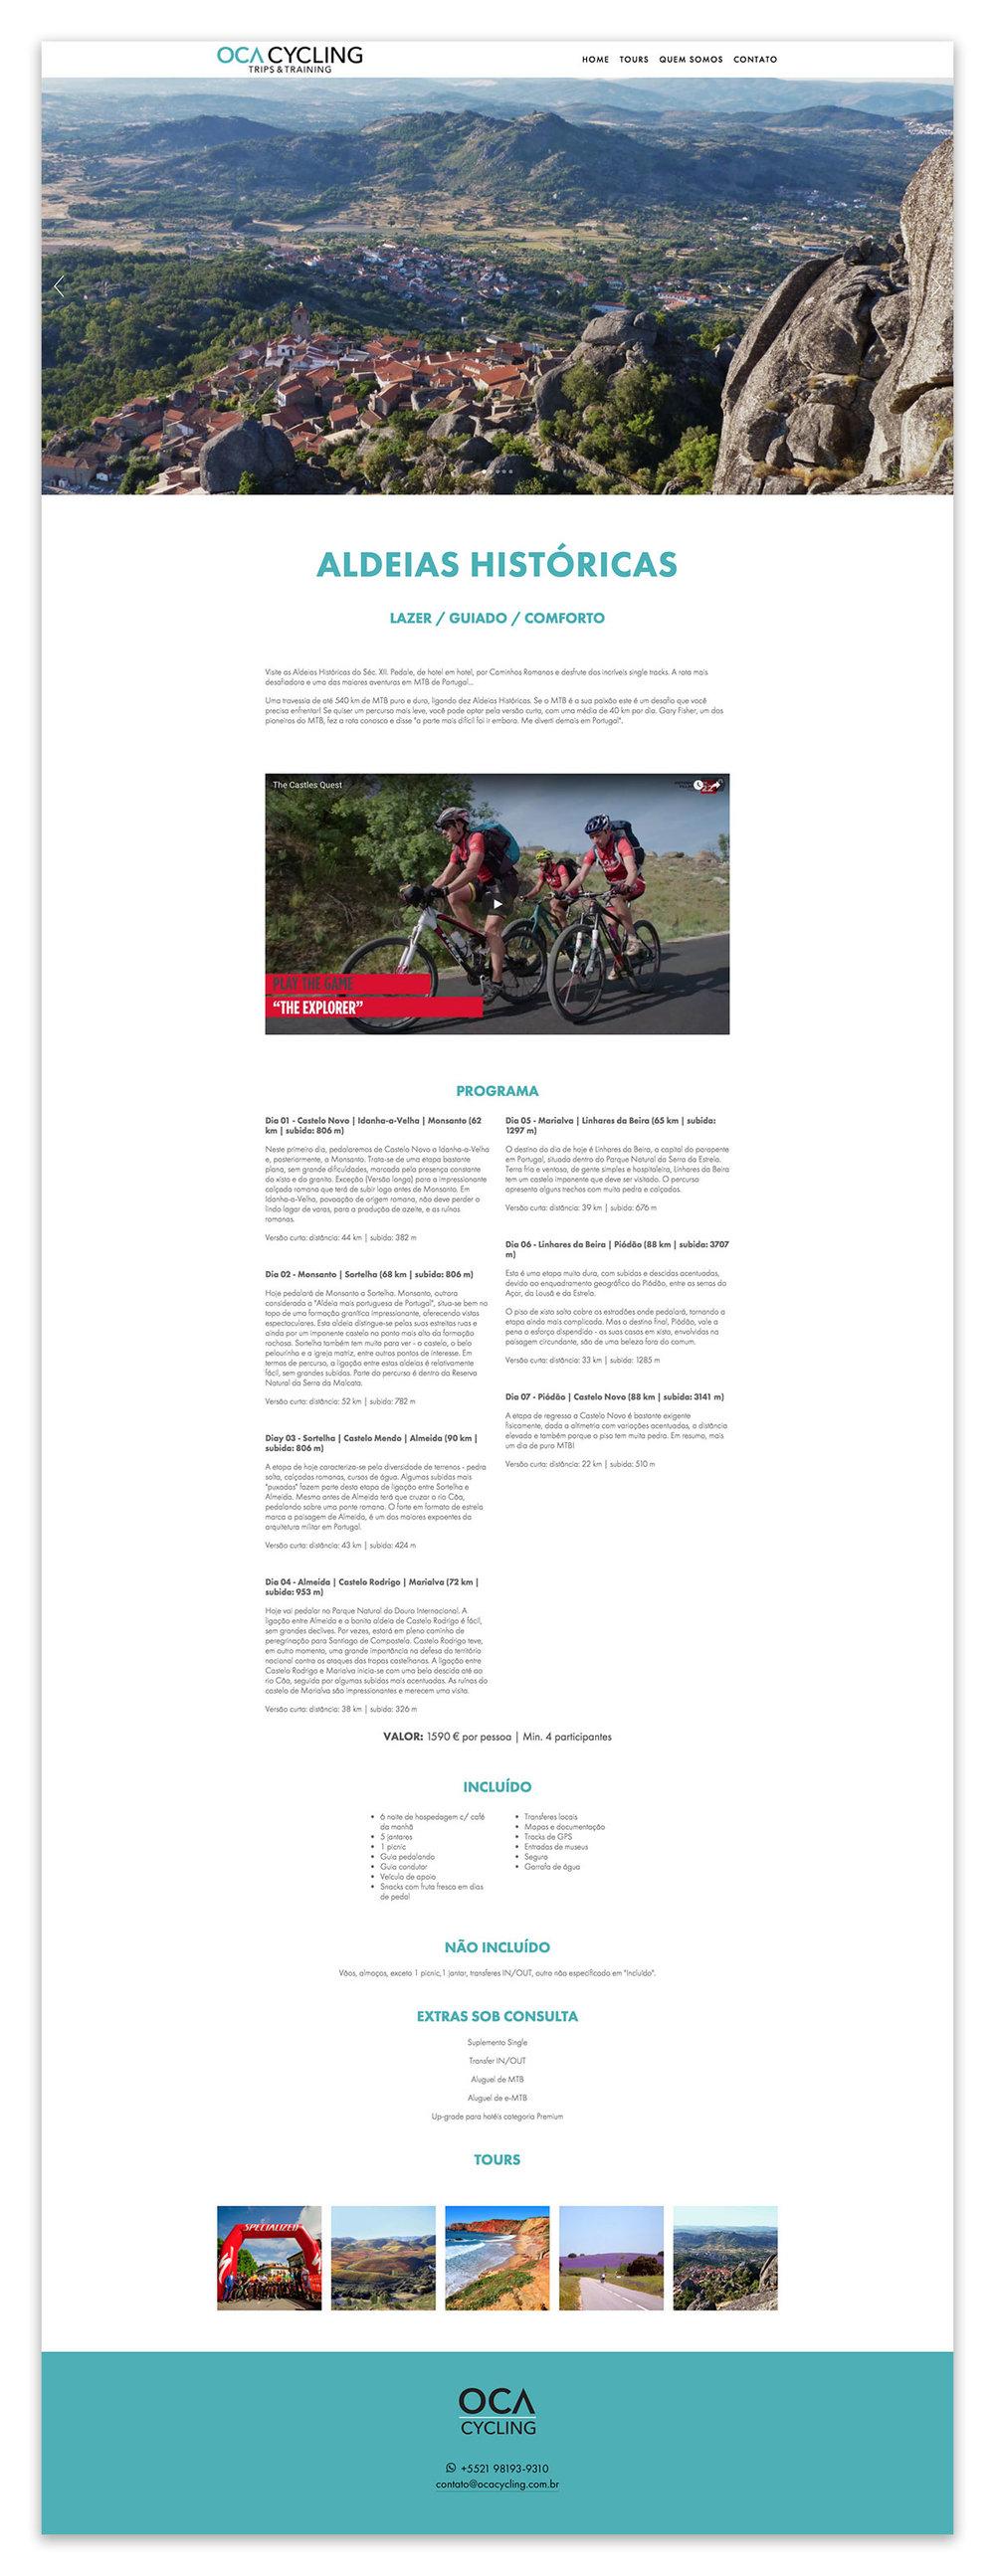 screencapture-ocacycling-br-aldeias-histricas-1518588427938.jpg